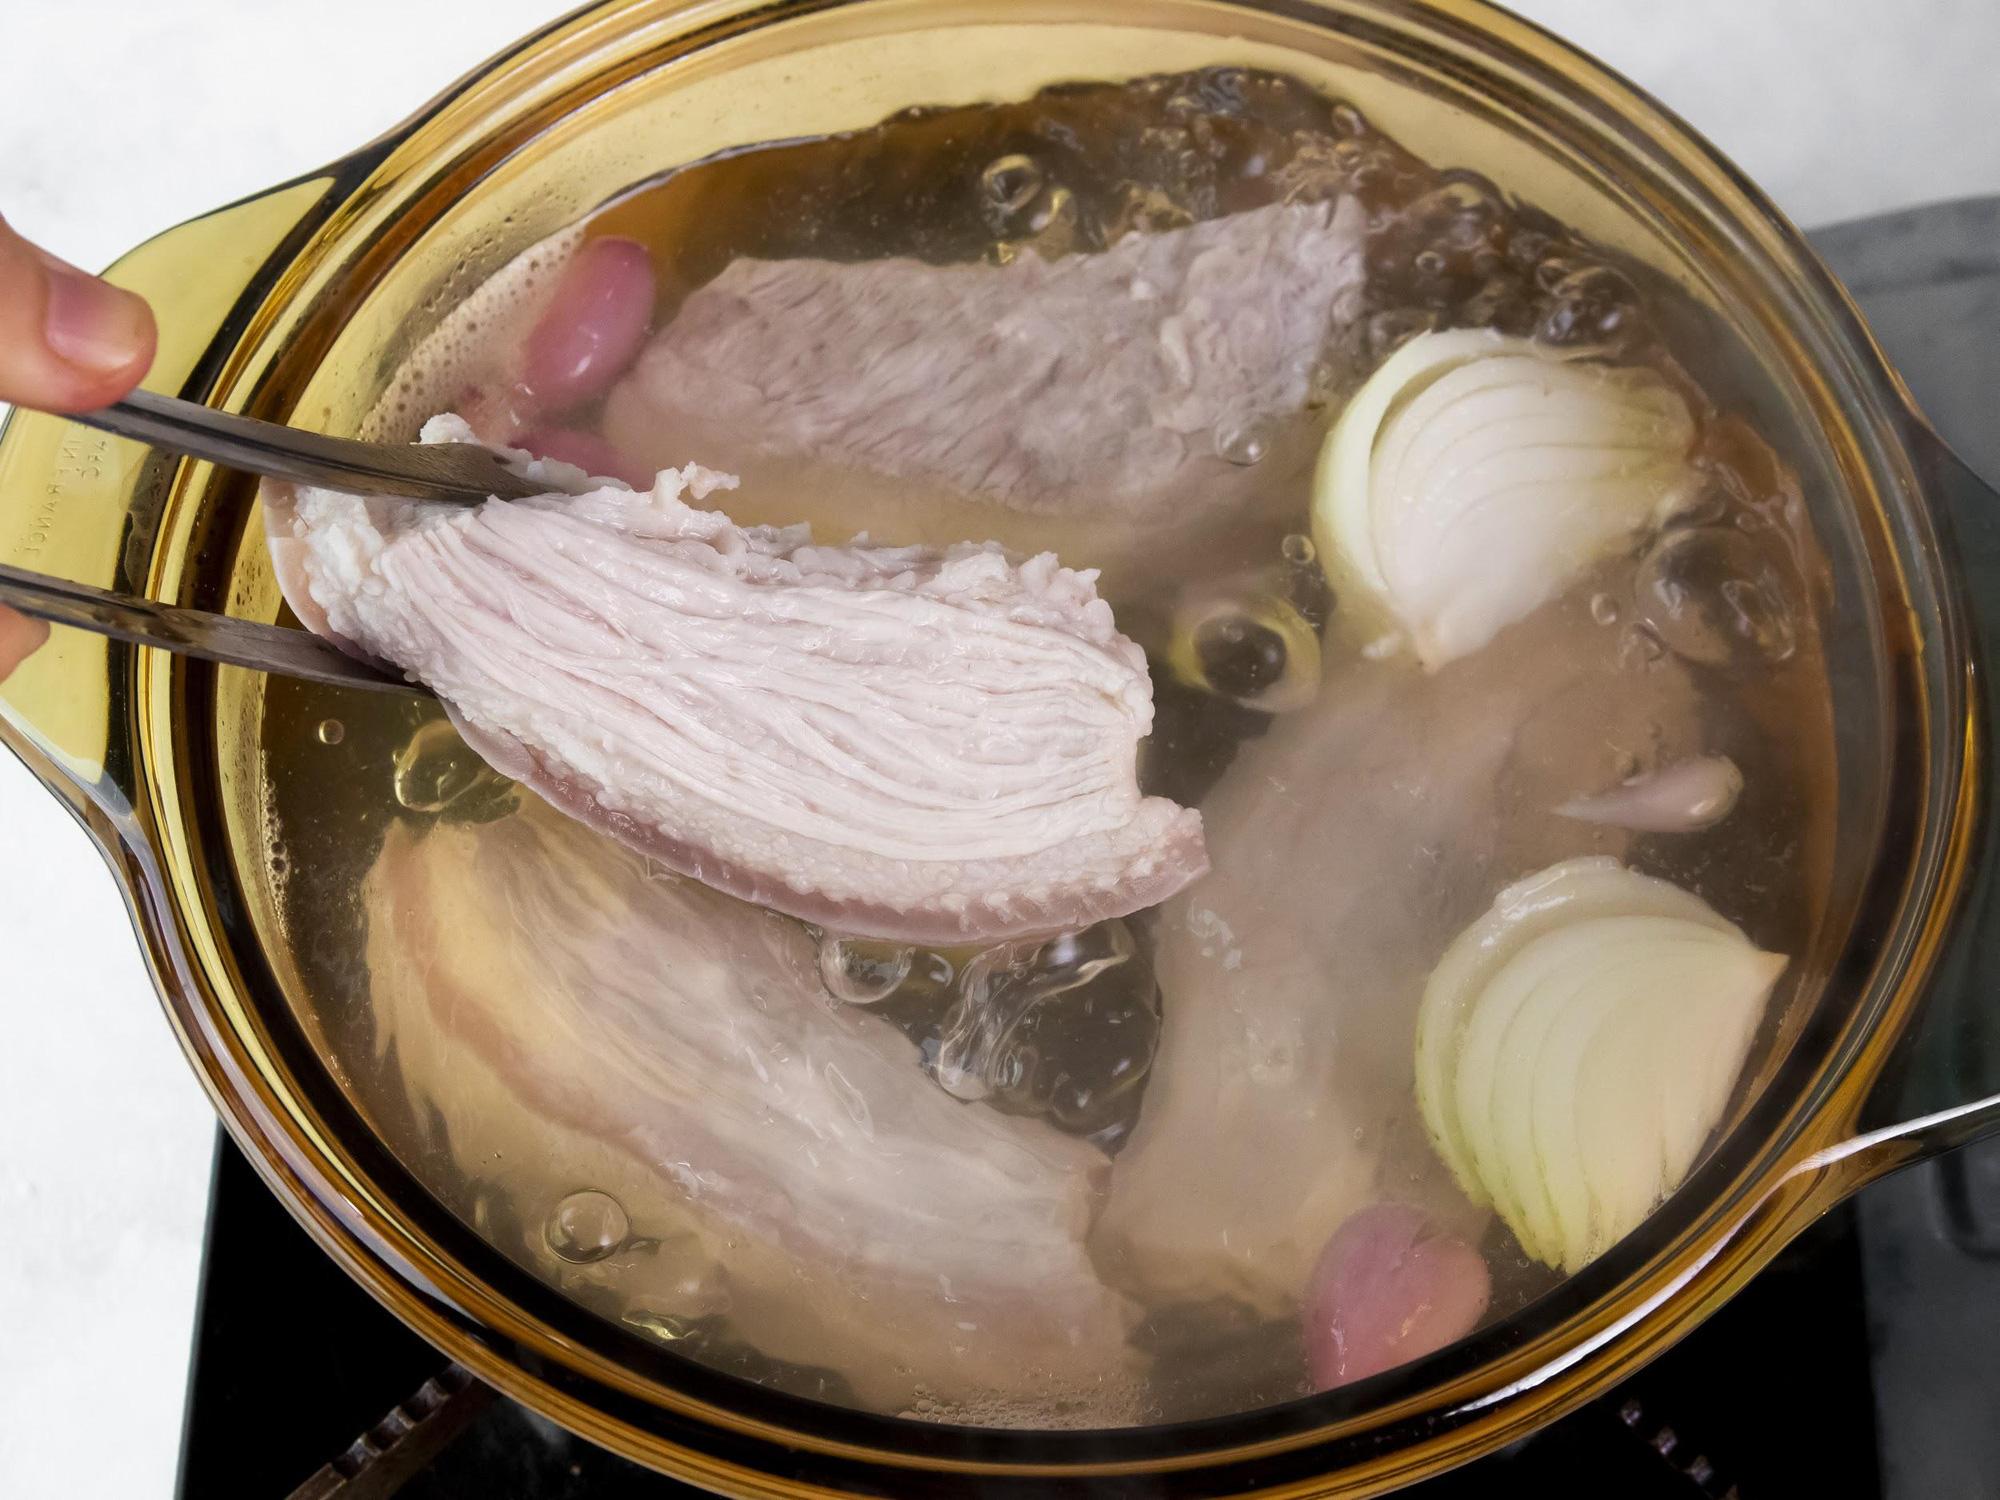 Chống ngấy ngày Tết cực đơn giản với công thức thịt heo ngâm mắm ngon hết sảy từ Helens Recipes - Ảnh 3.